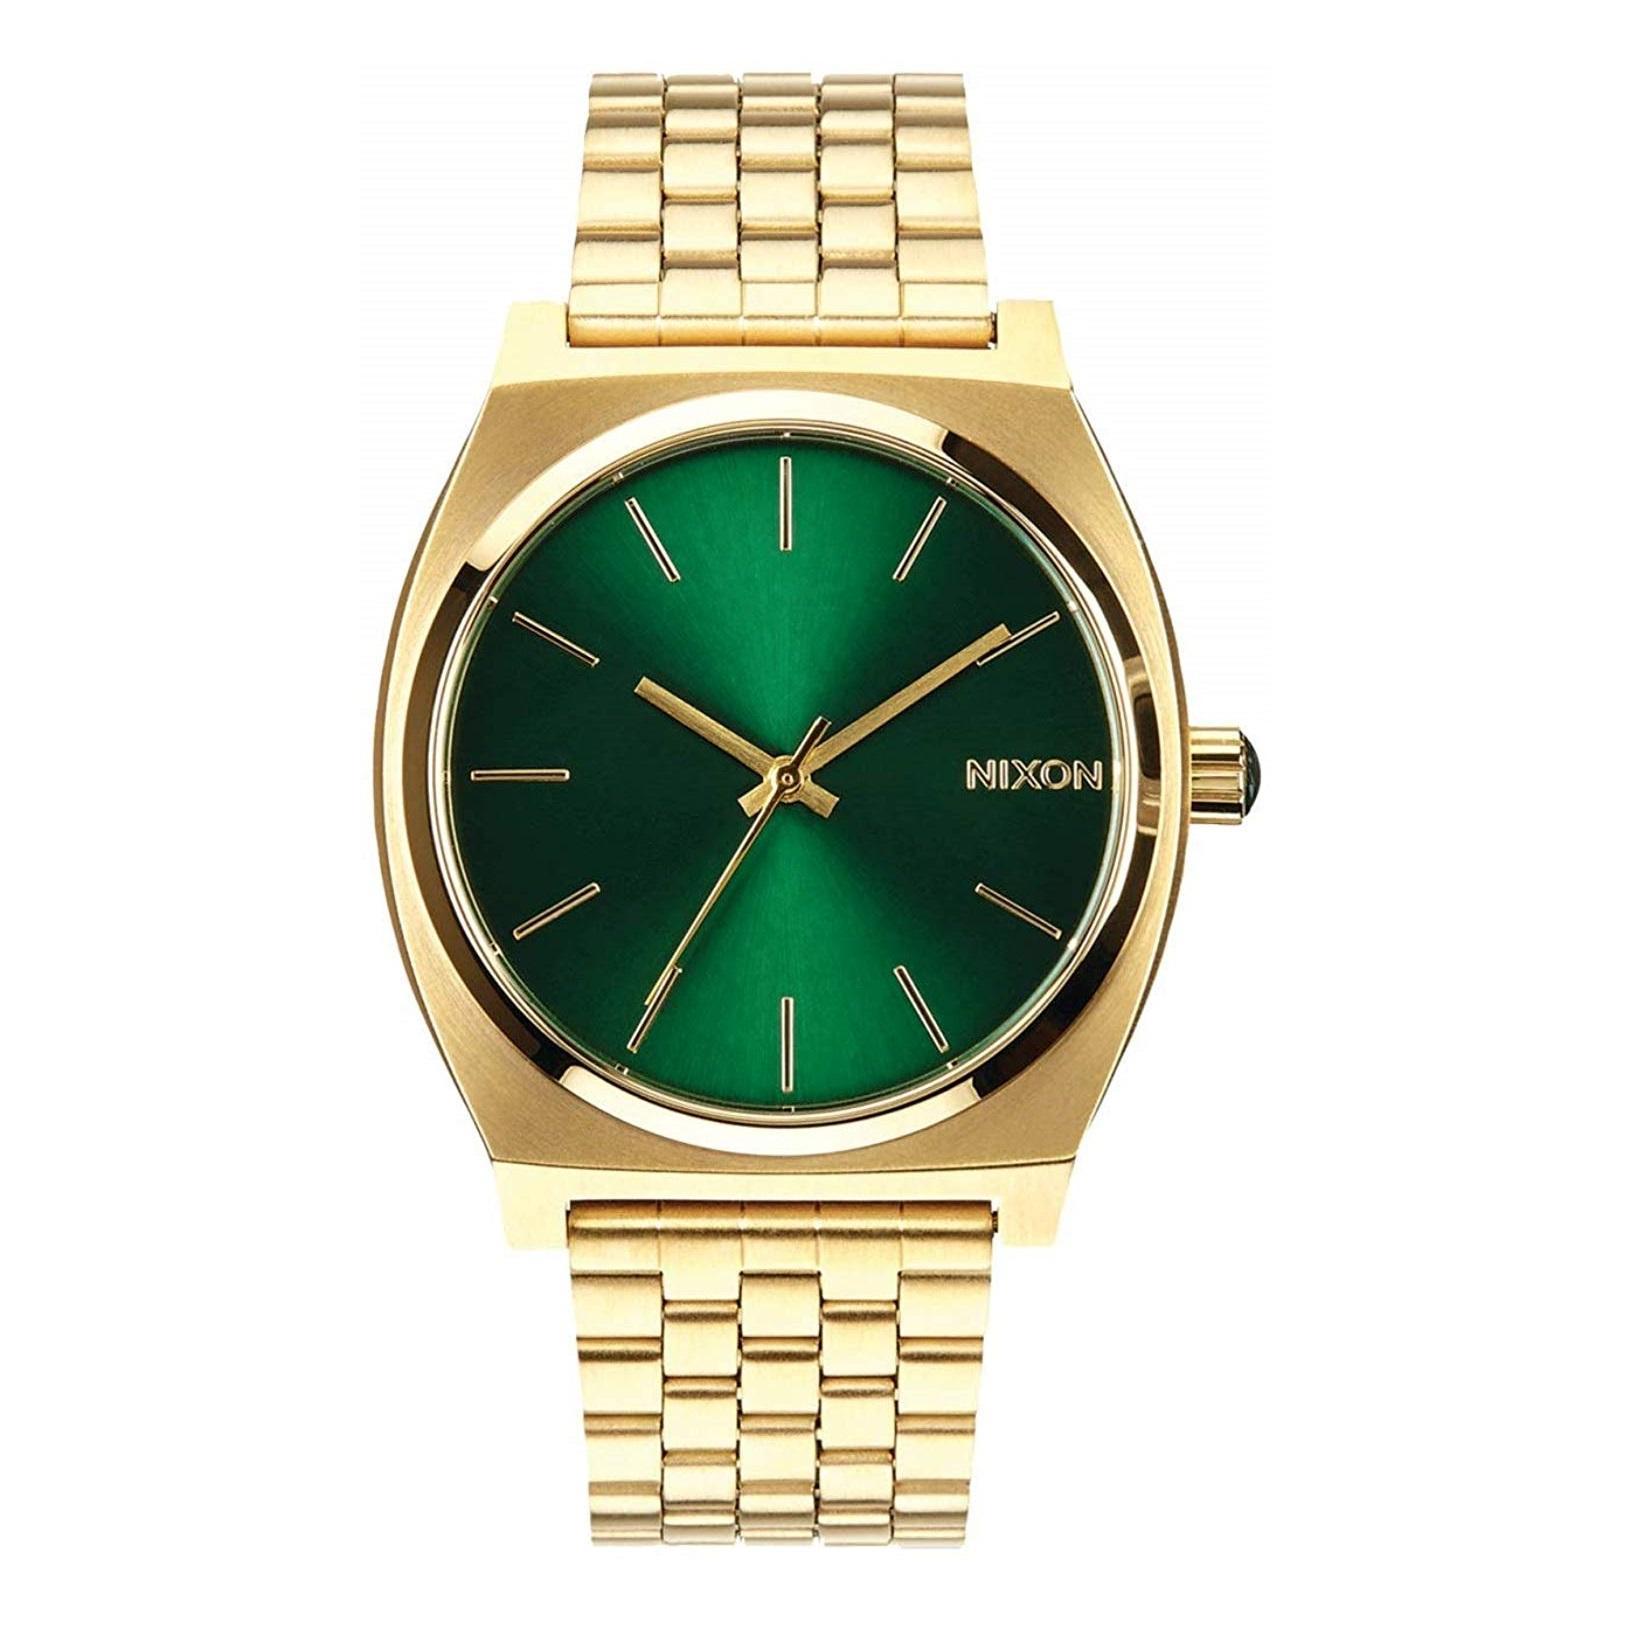 Nixon 尼客森 时尚潮流极简主义不锈钢防水手表 A0451919